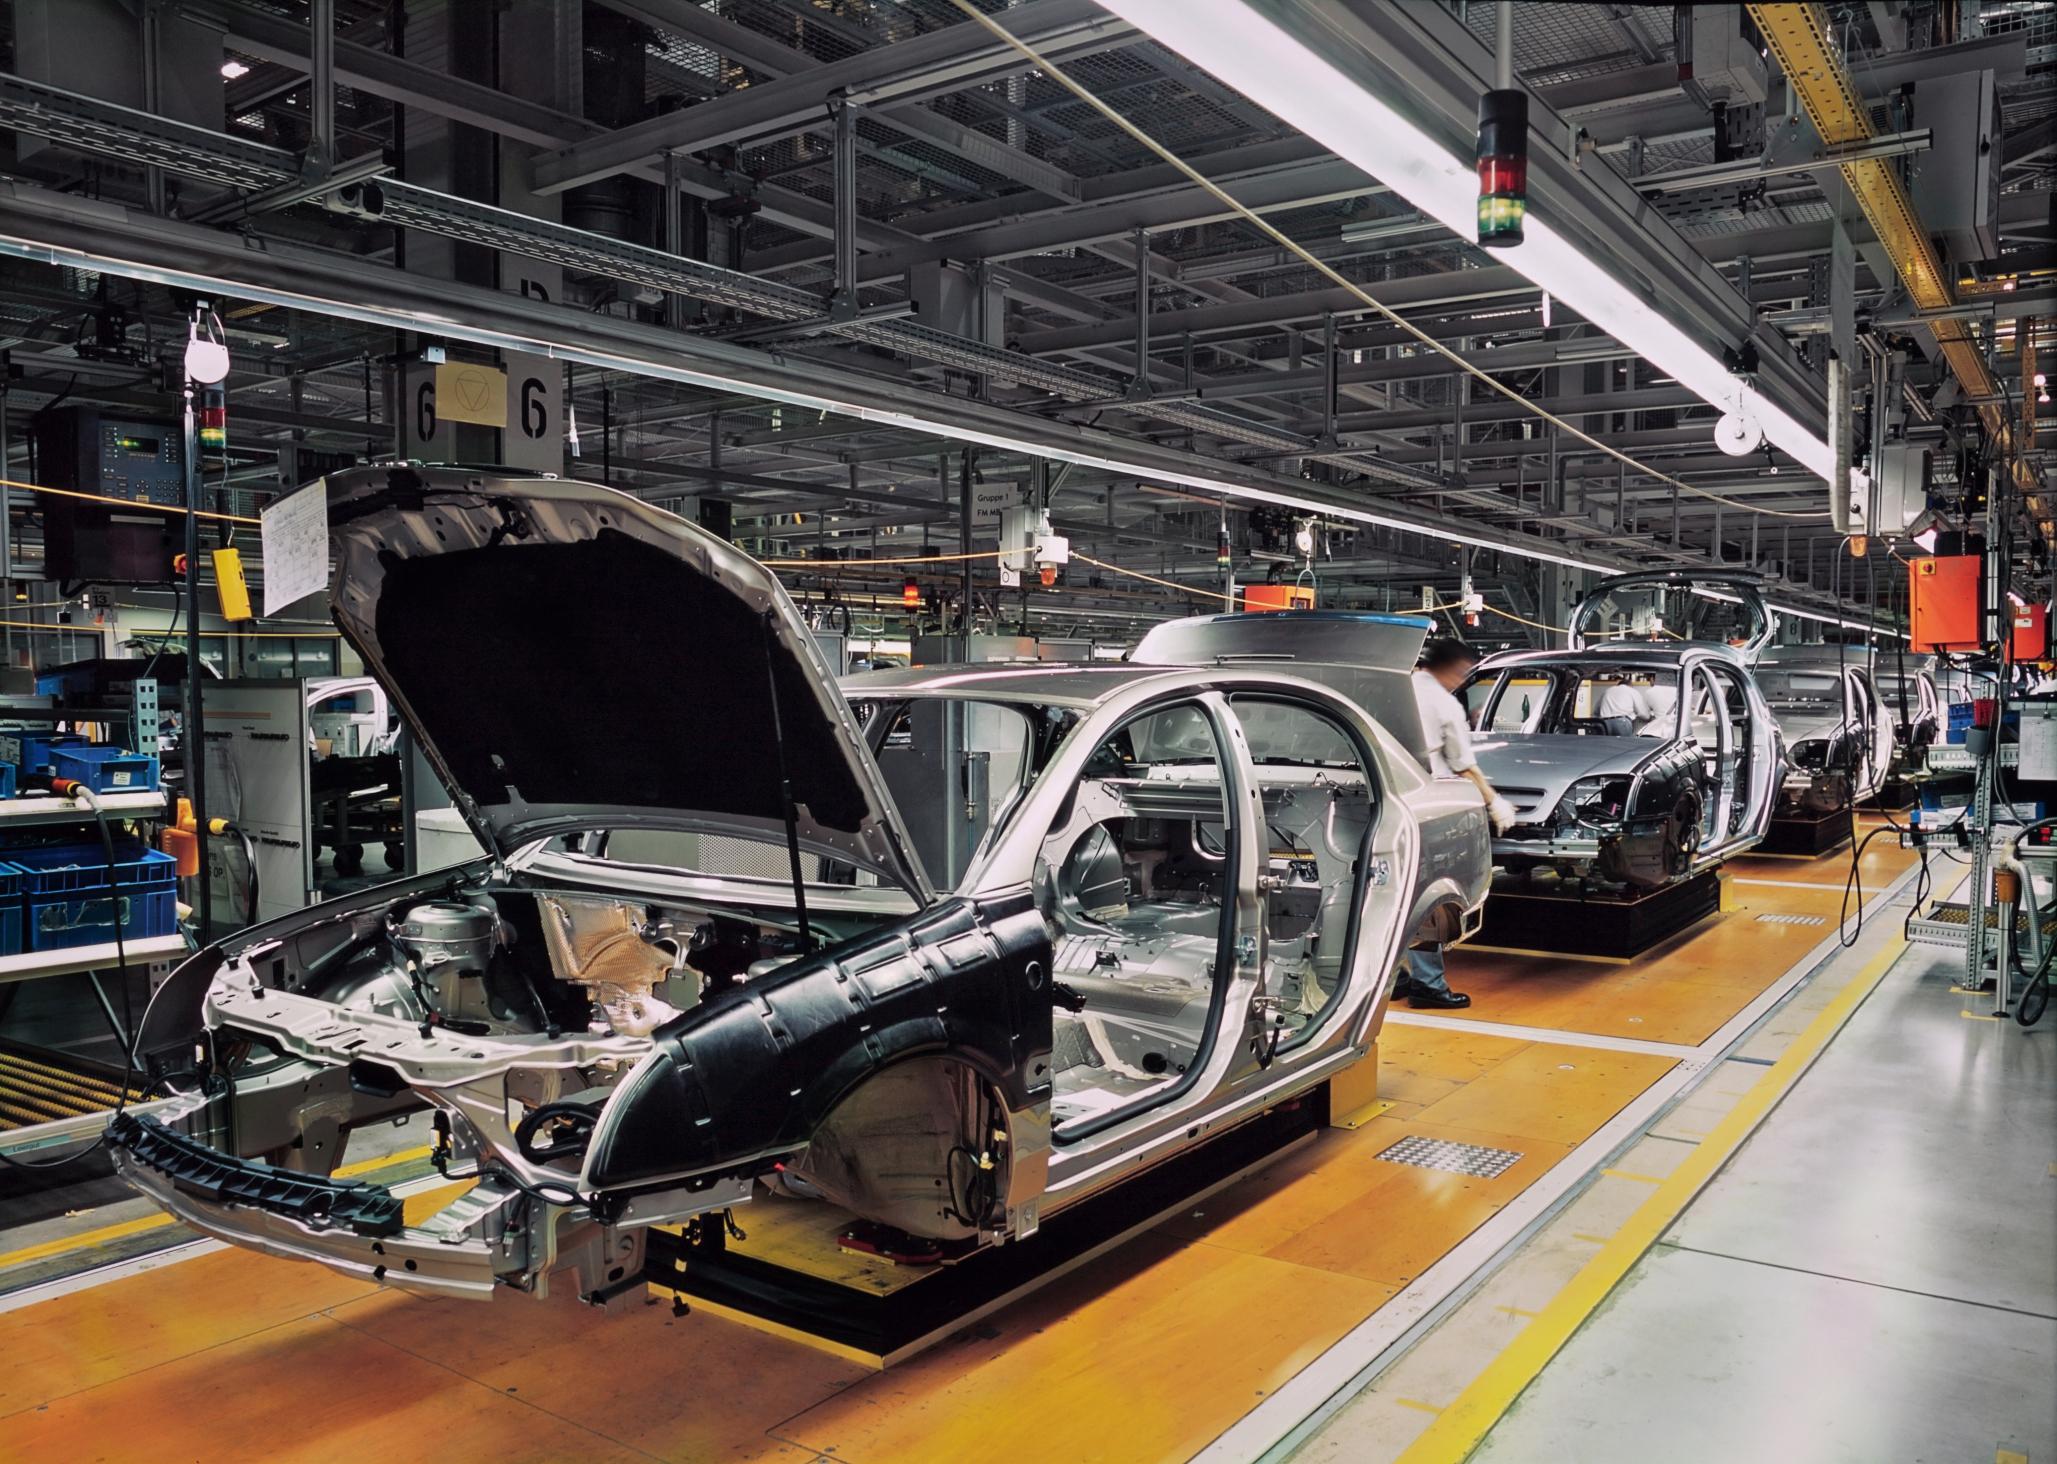 Otomotiv Sanayii Derneği 2018 Verilerini Açıkladı 1